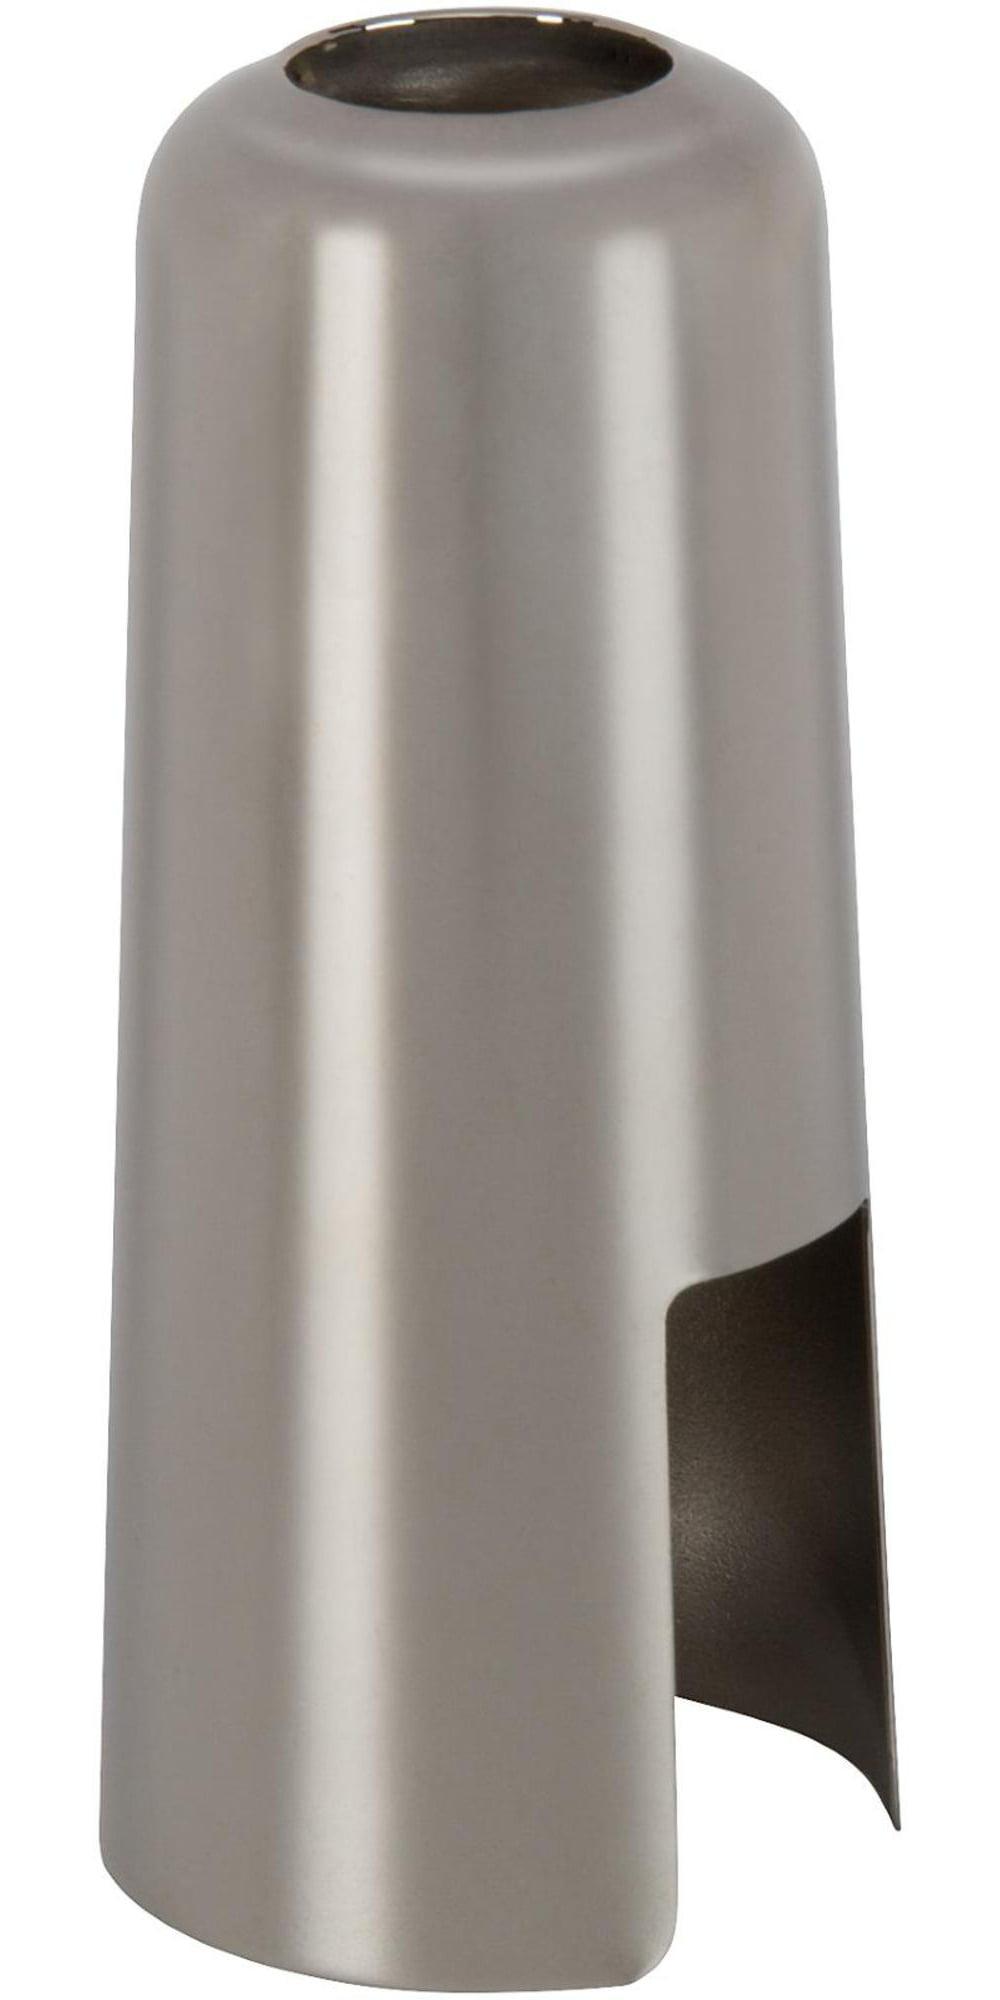 Giardinelli Bass Clarinet Mouthpiece Cap by Giardinelli